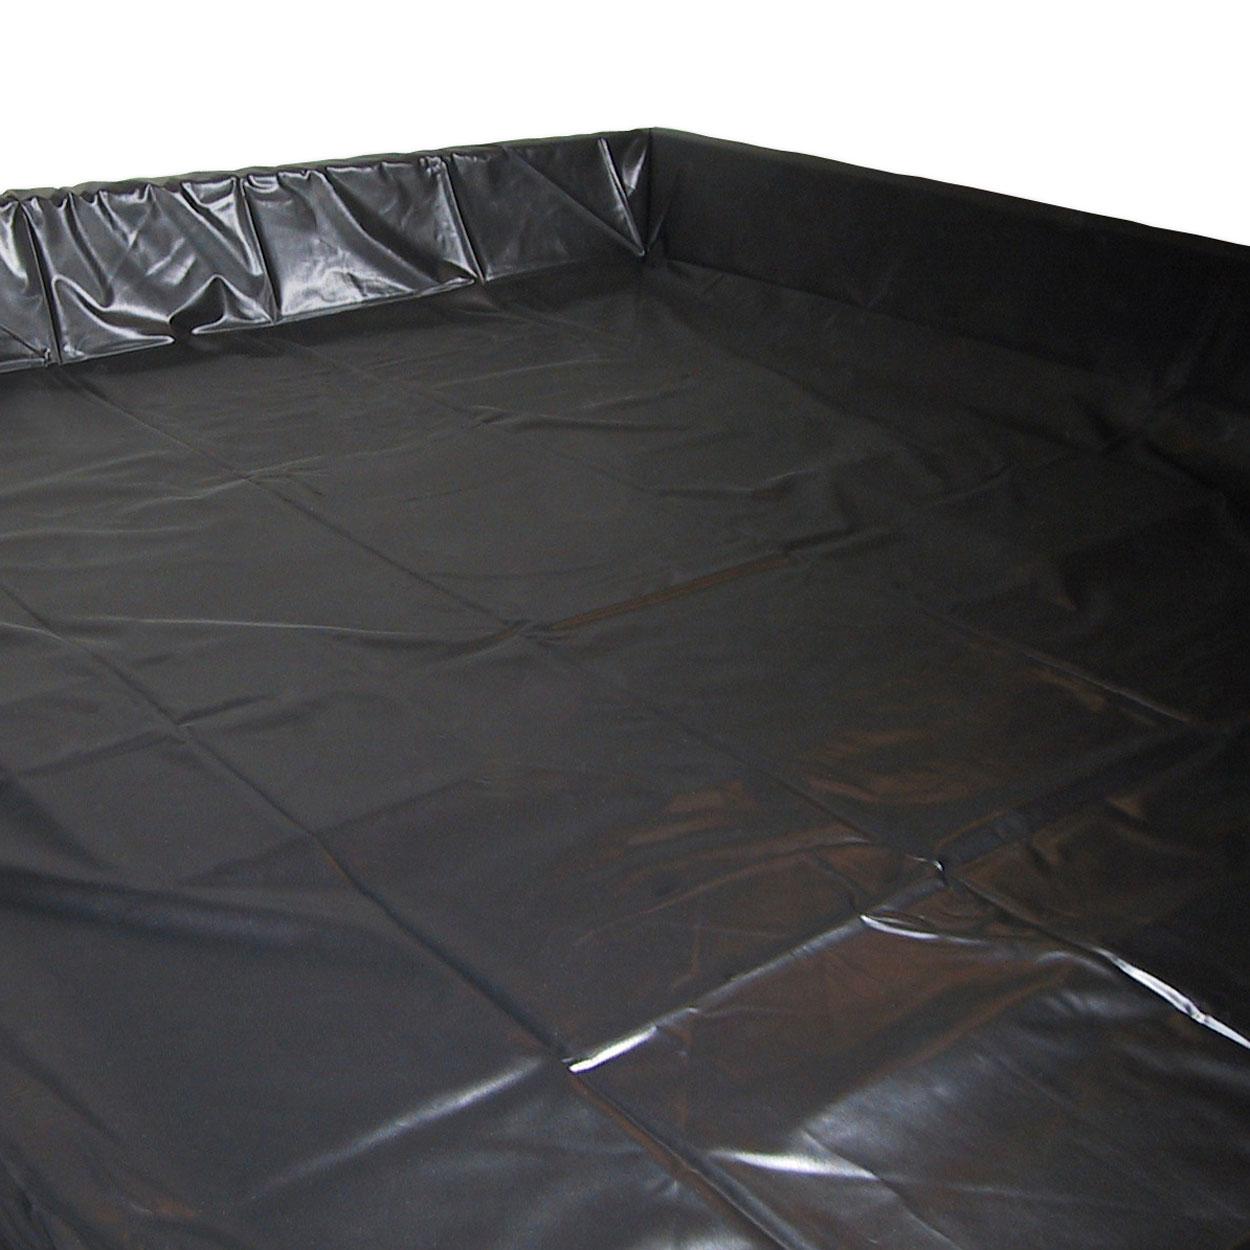 bettwarenshop sicherheitswanne f r softside wasserbetten g nstig online kaufen bei bettwaren shop. Black Bedroom Furniture Sets. Home Design Ideas